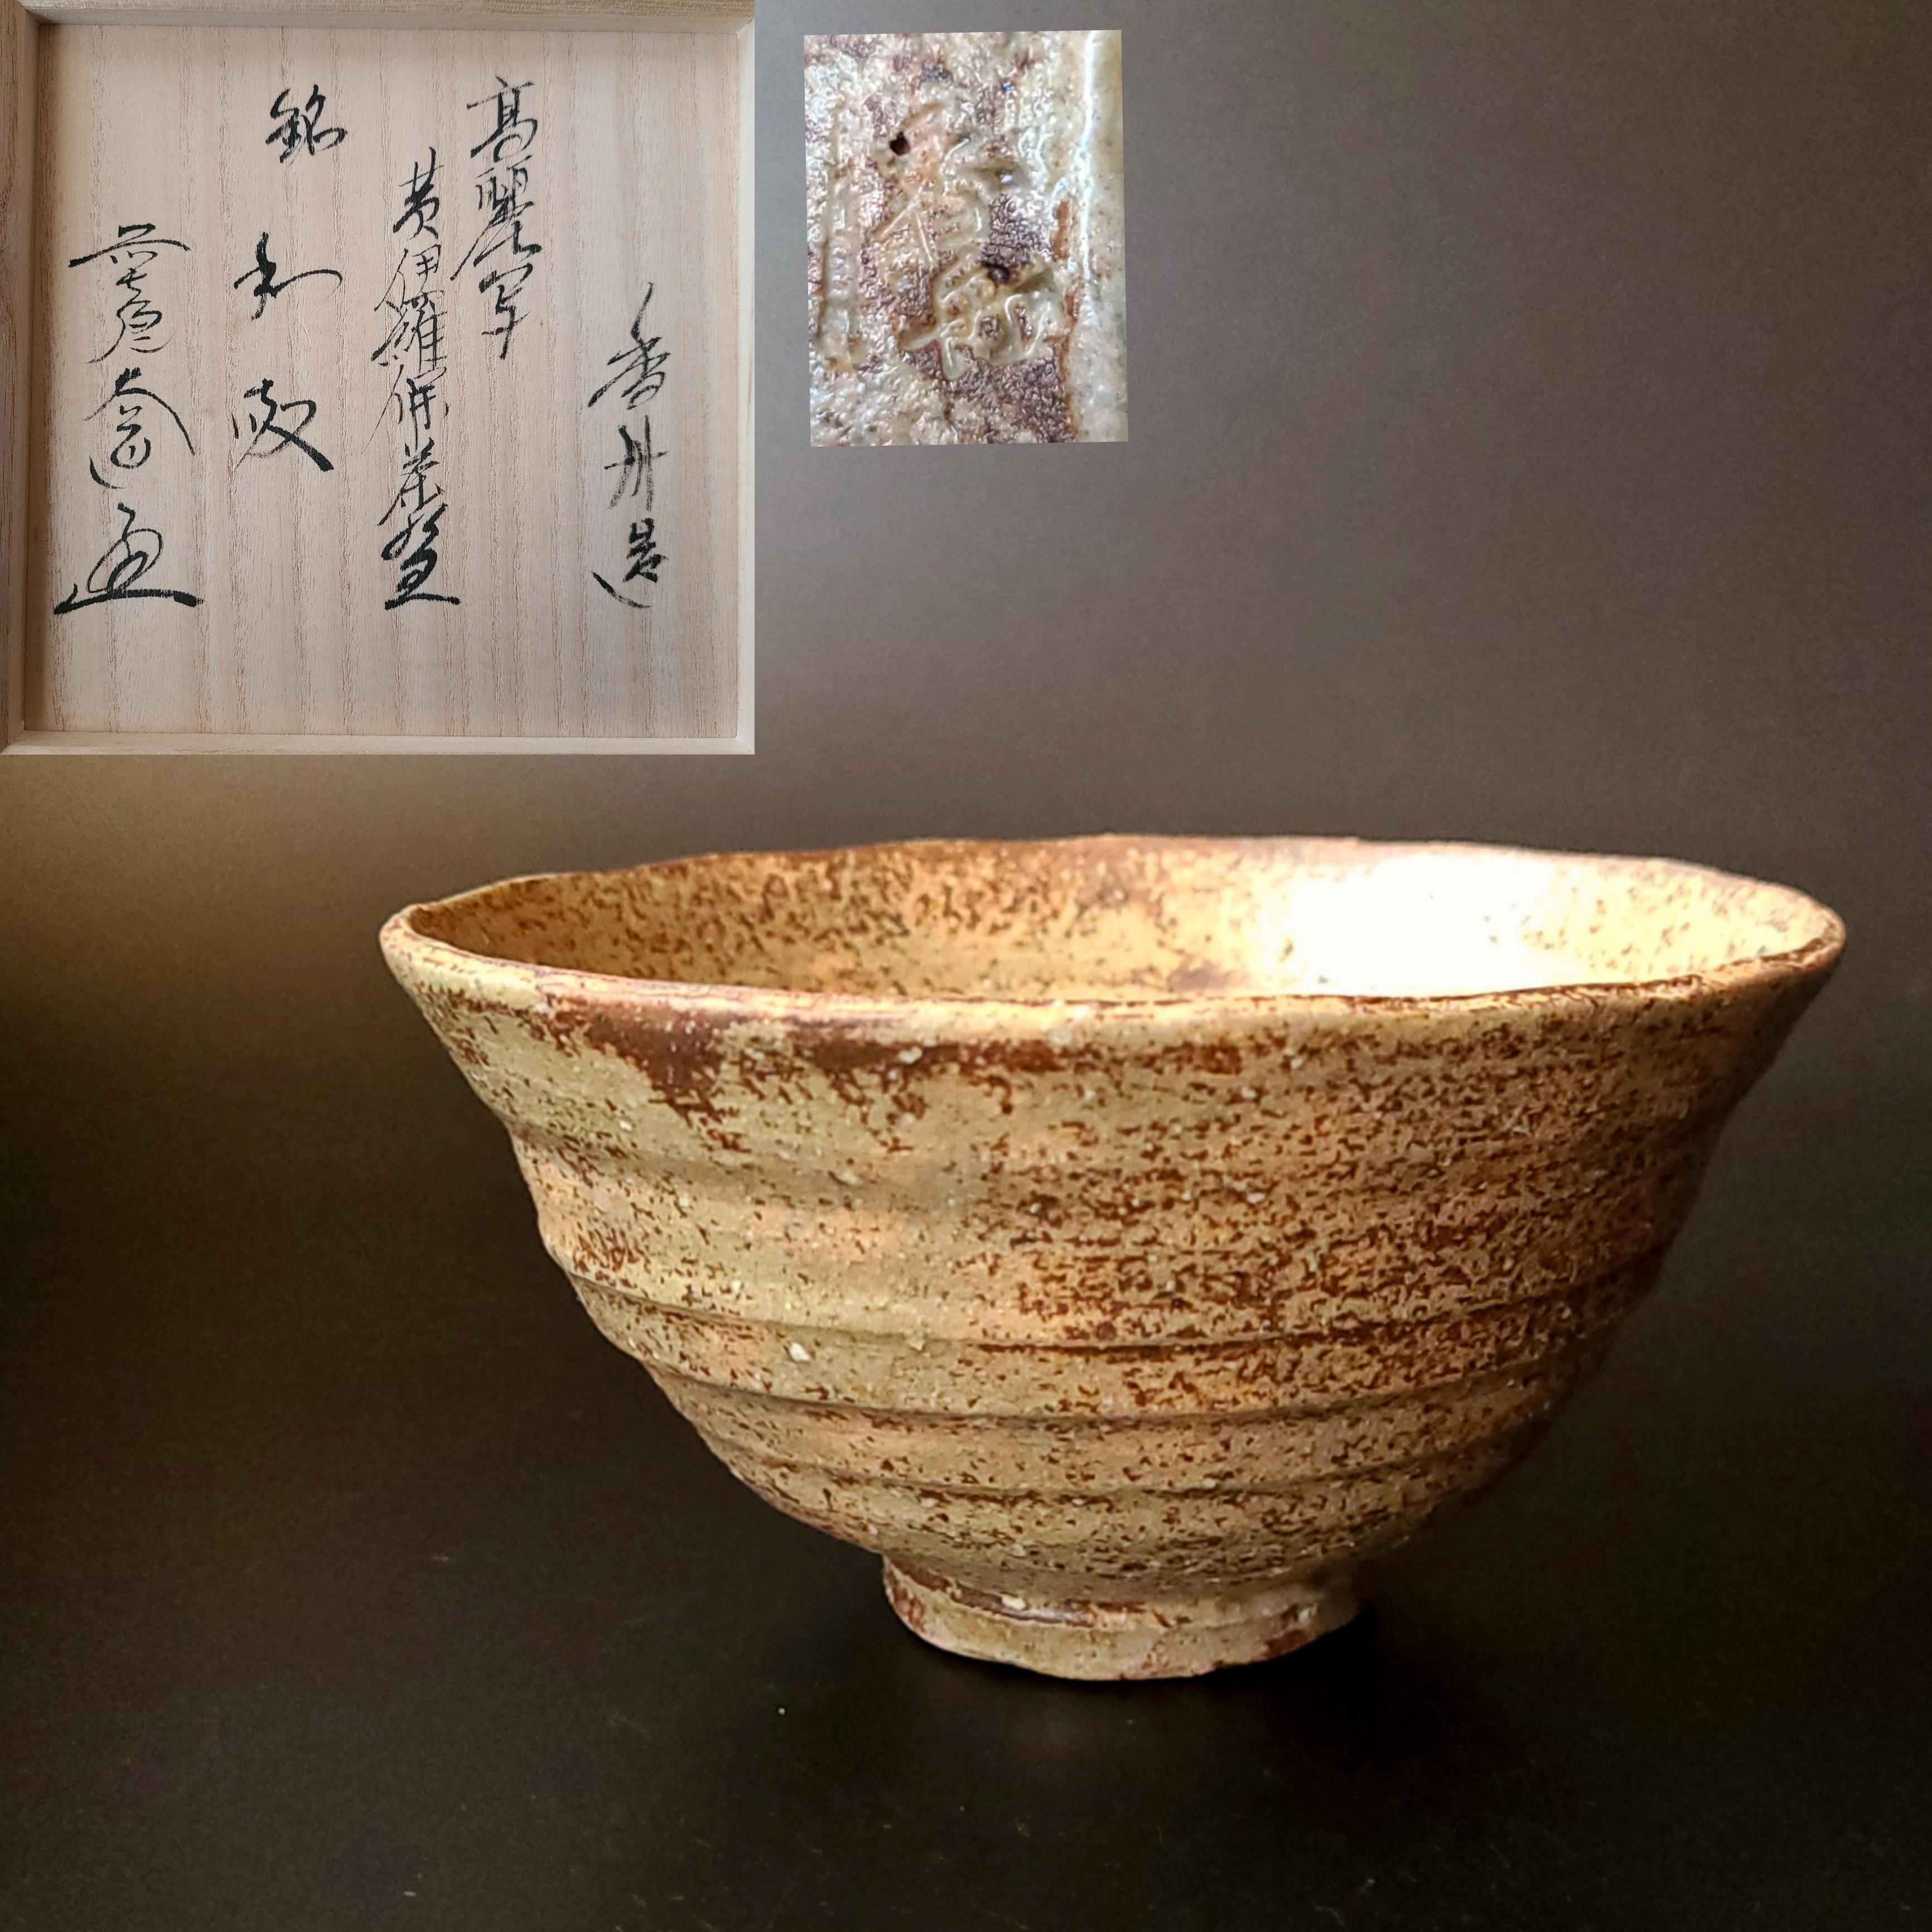 茶道具 黄伊羅保 茶碗 西尾香舟 西垣大道和尚書付 銘「和敬」陶芸 茶器